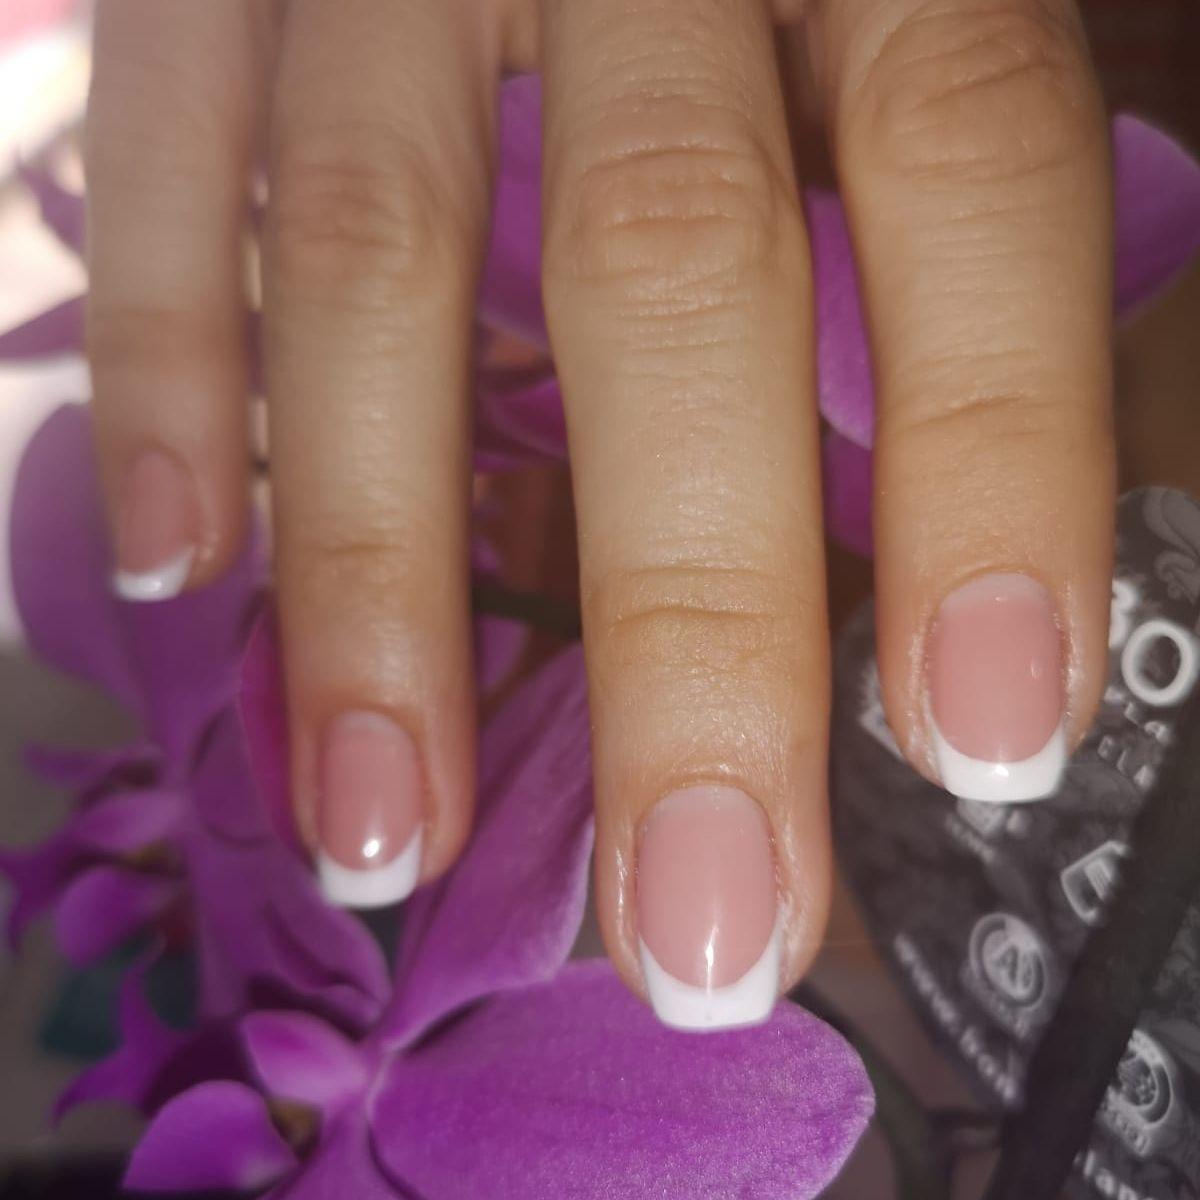 Manicura francesa semi permanente: unas uñas perfectas!